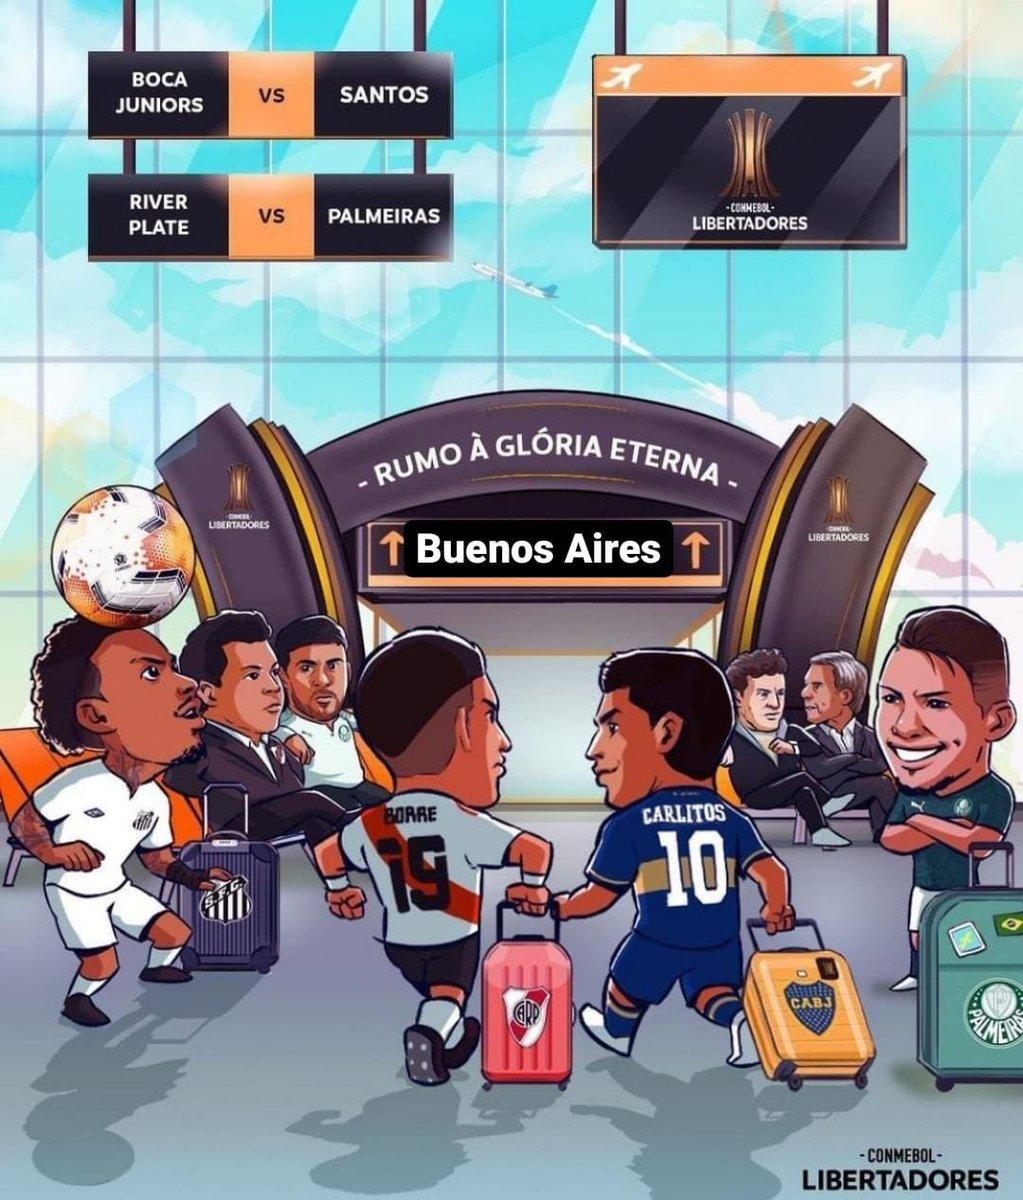 @TheLibertadores @FIFAcom @Palmeiras @SantosFC Eu corrigi pra vocês